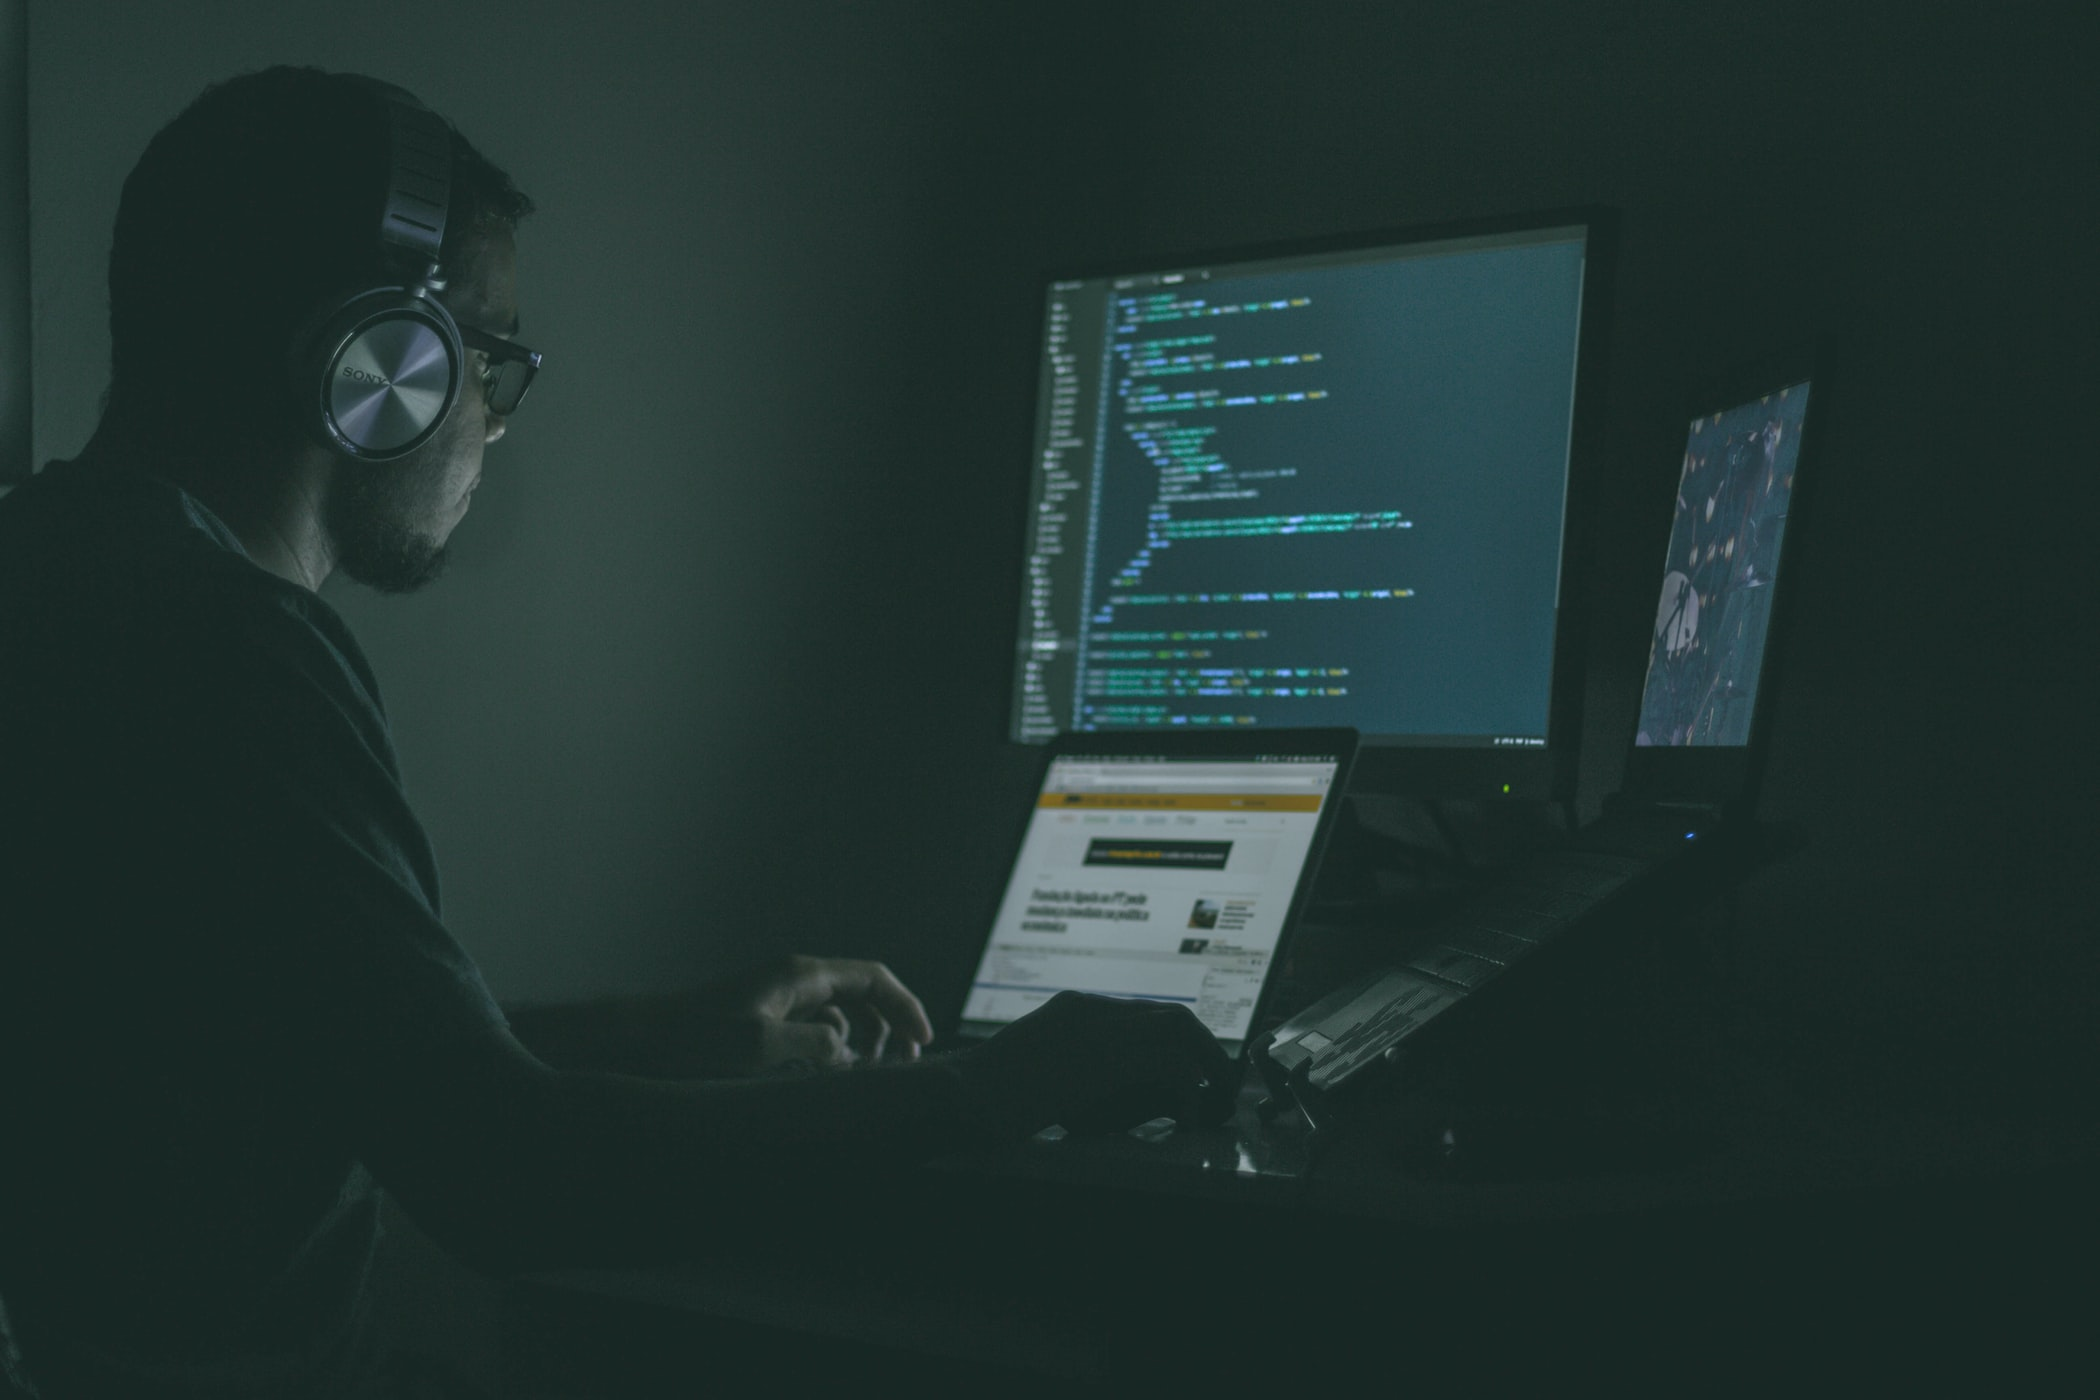 Le développeur n'est pas qu'un technicien qui travail en autarcie (Photo Jefferson Santos / Unsplash)